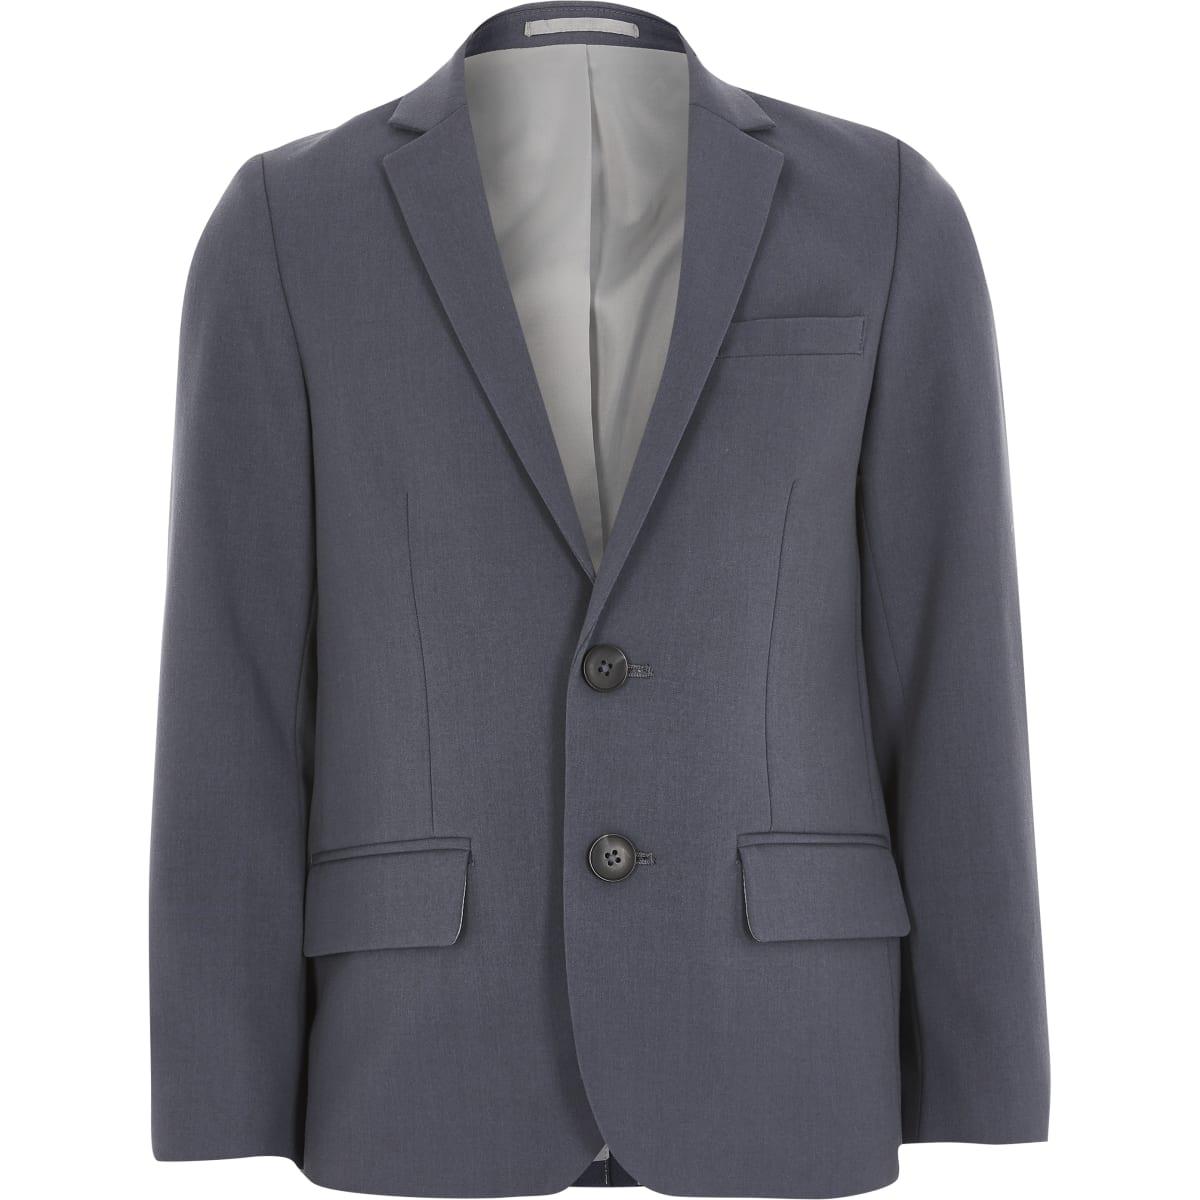 Blauwe single-breasted blazer voor jongens